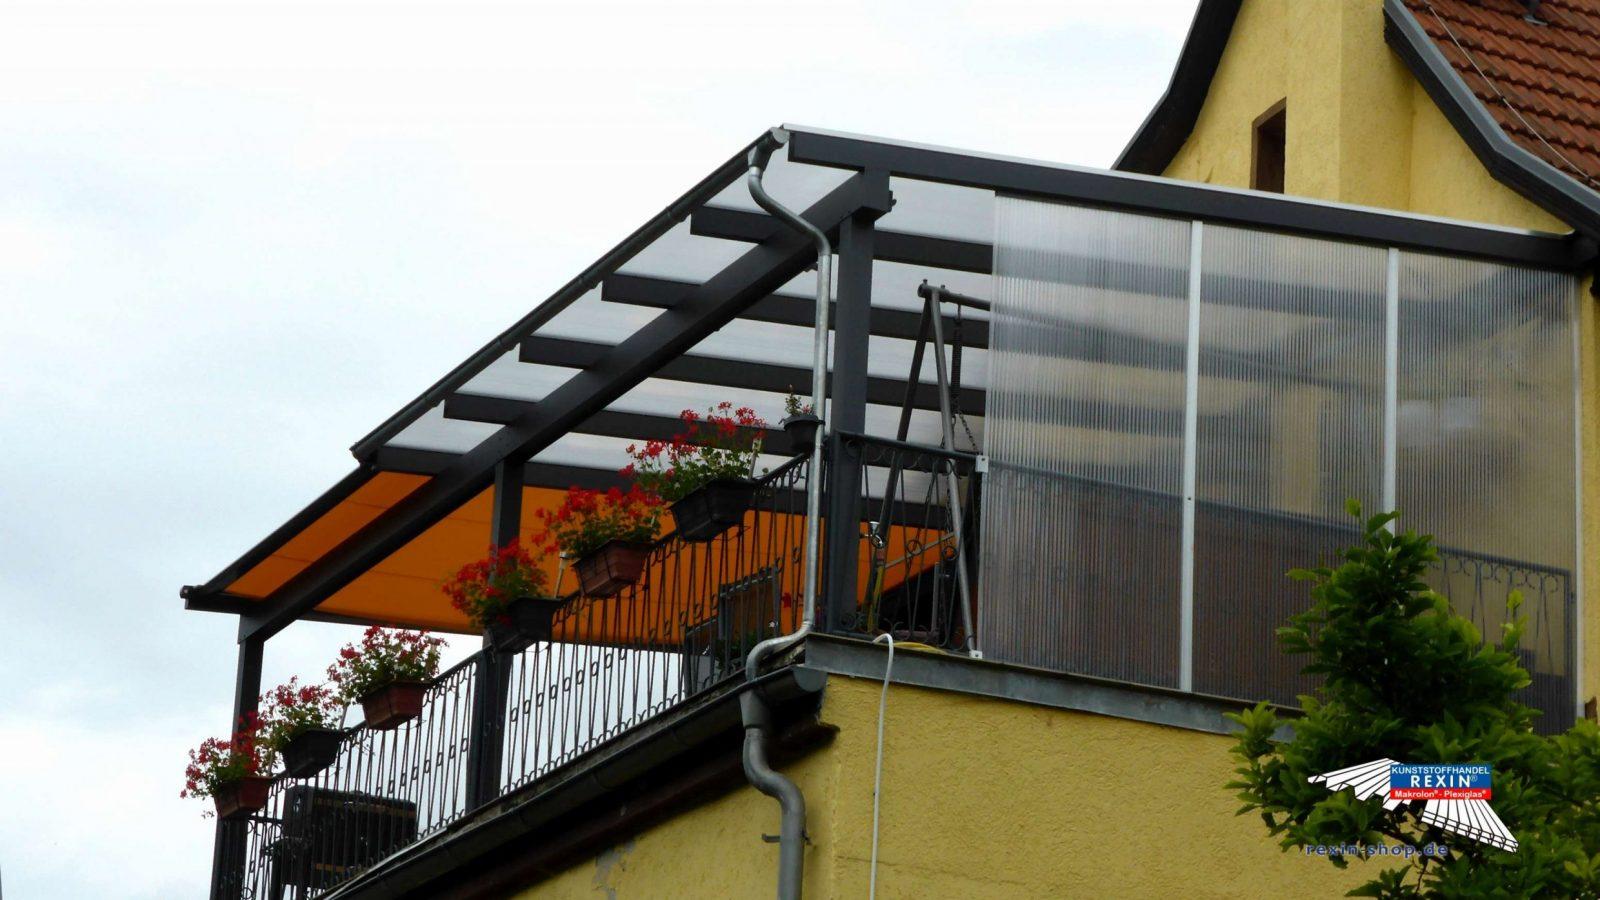 Balkon Rollo Ohne Bohren Schön Plexiglas Sichtschutz Balkon Design von Windschutz Für Balkon Ohne Bohren Photo